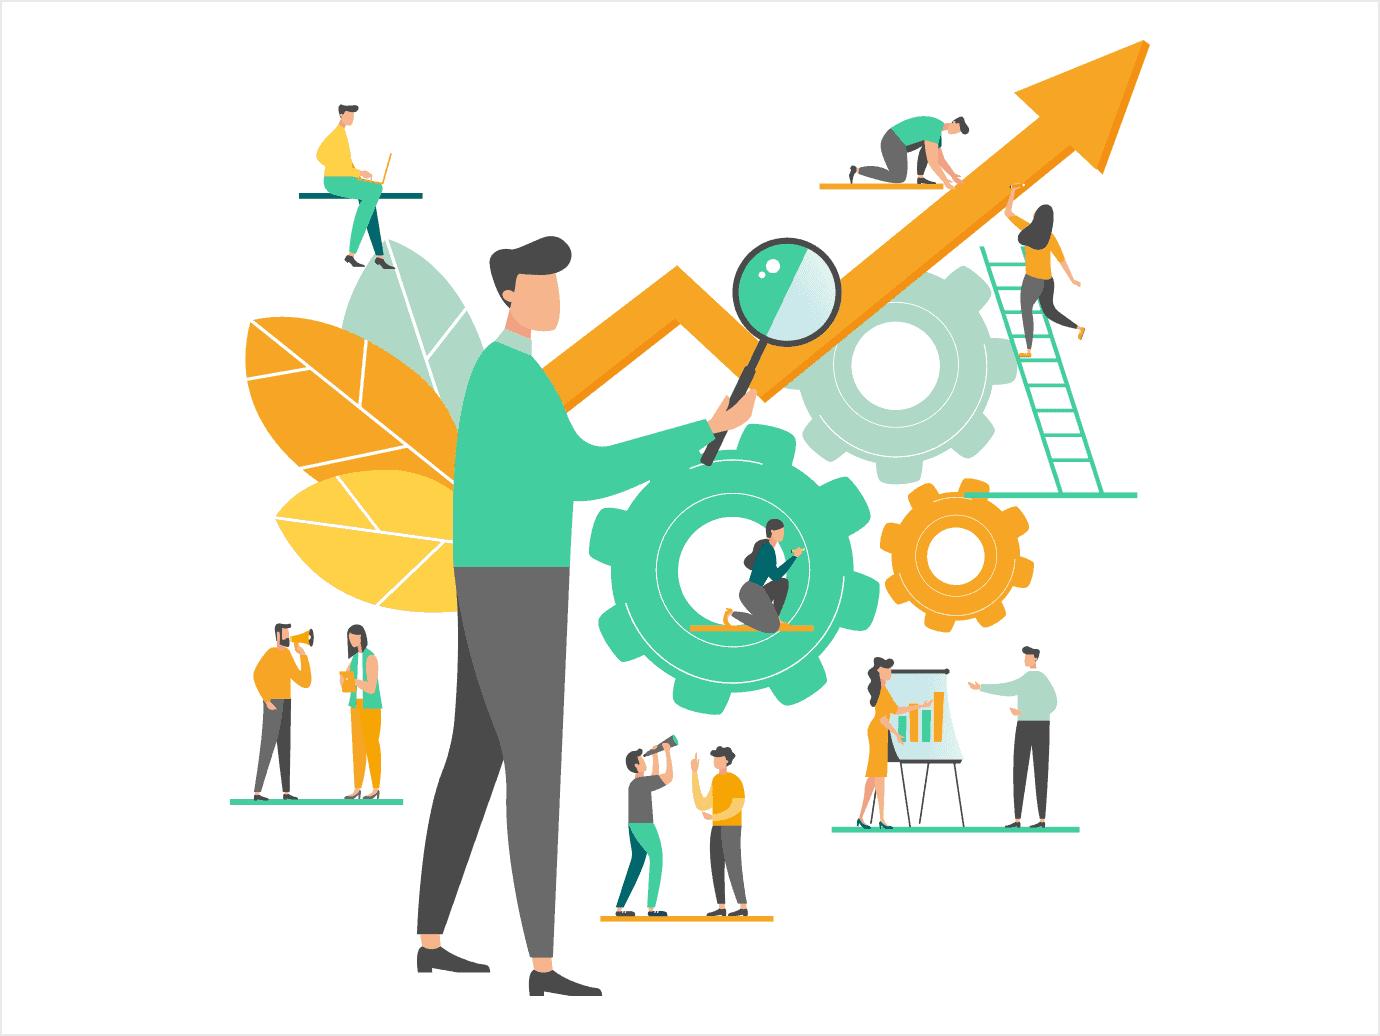 プロジェクトマネージャーの知識を深める資格などを紹介